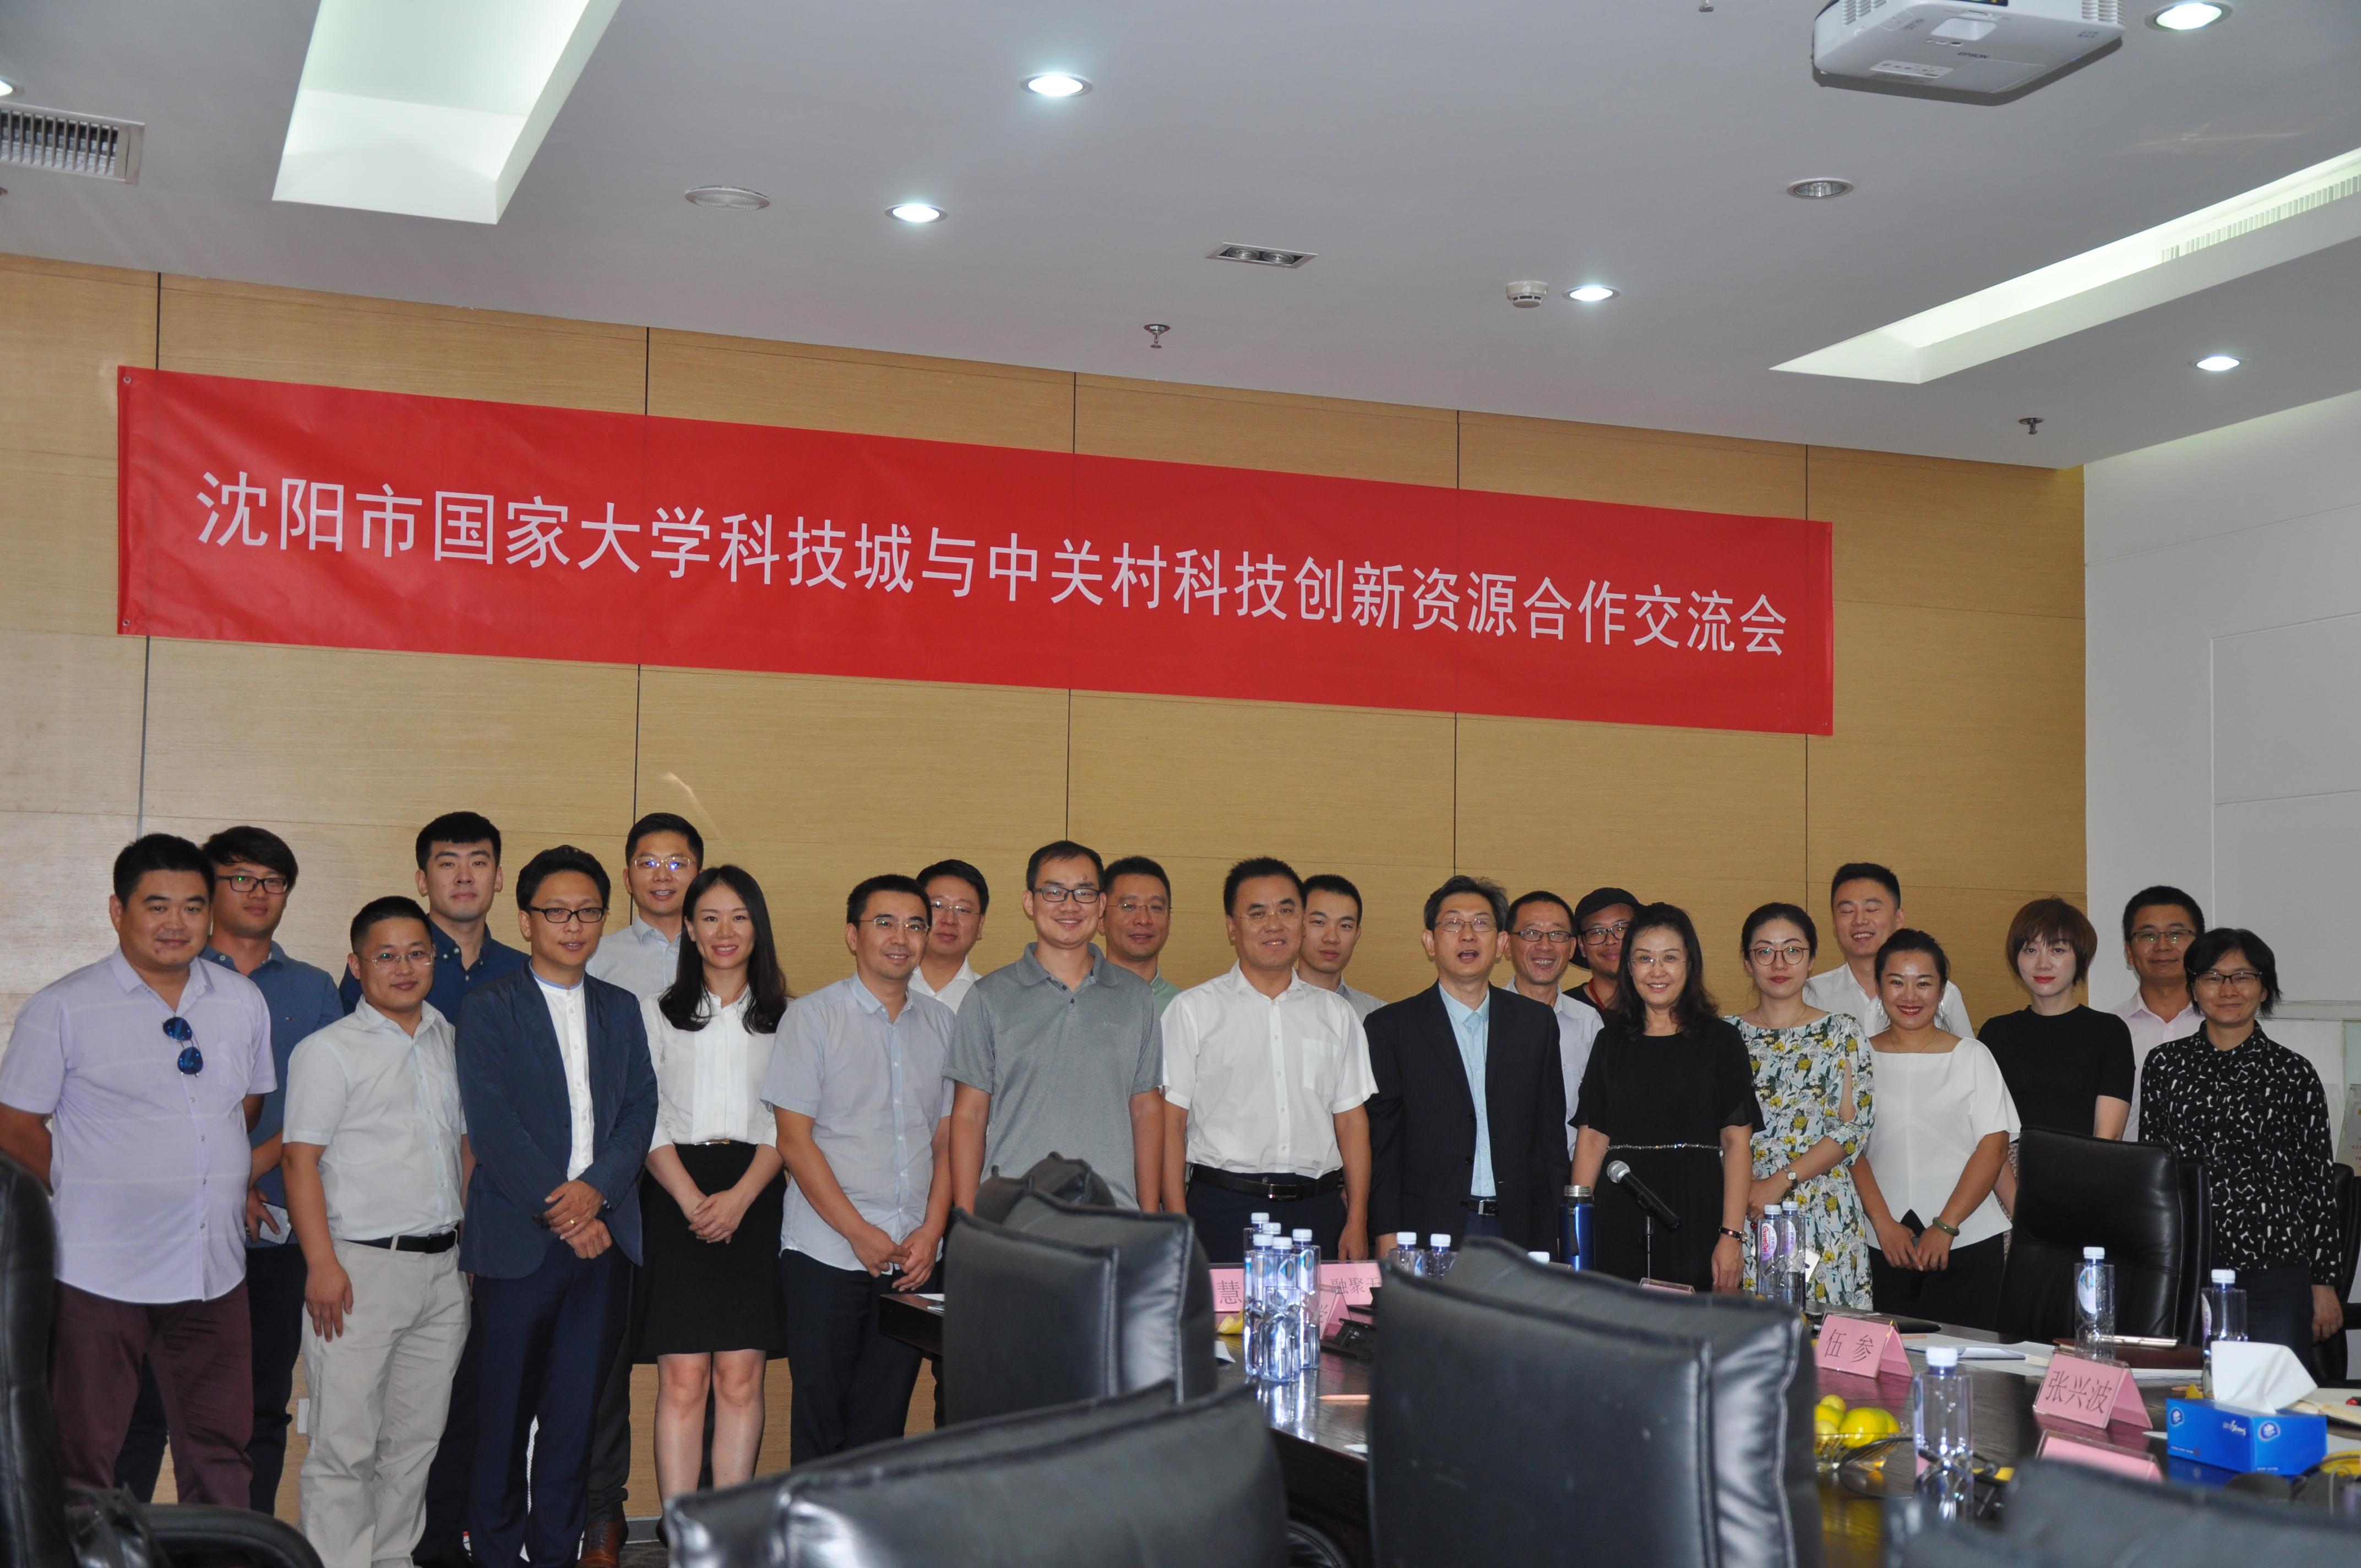 沈阳市国家大学科技城与中关村科技创新资源合作交流活动成功举办